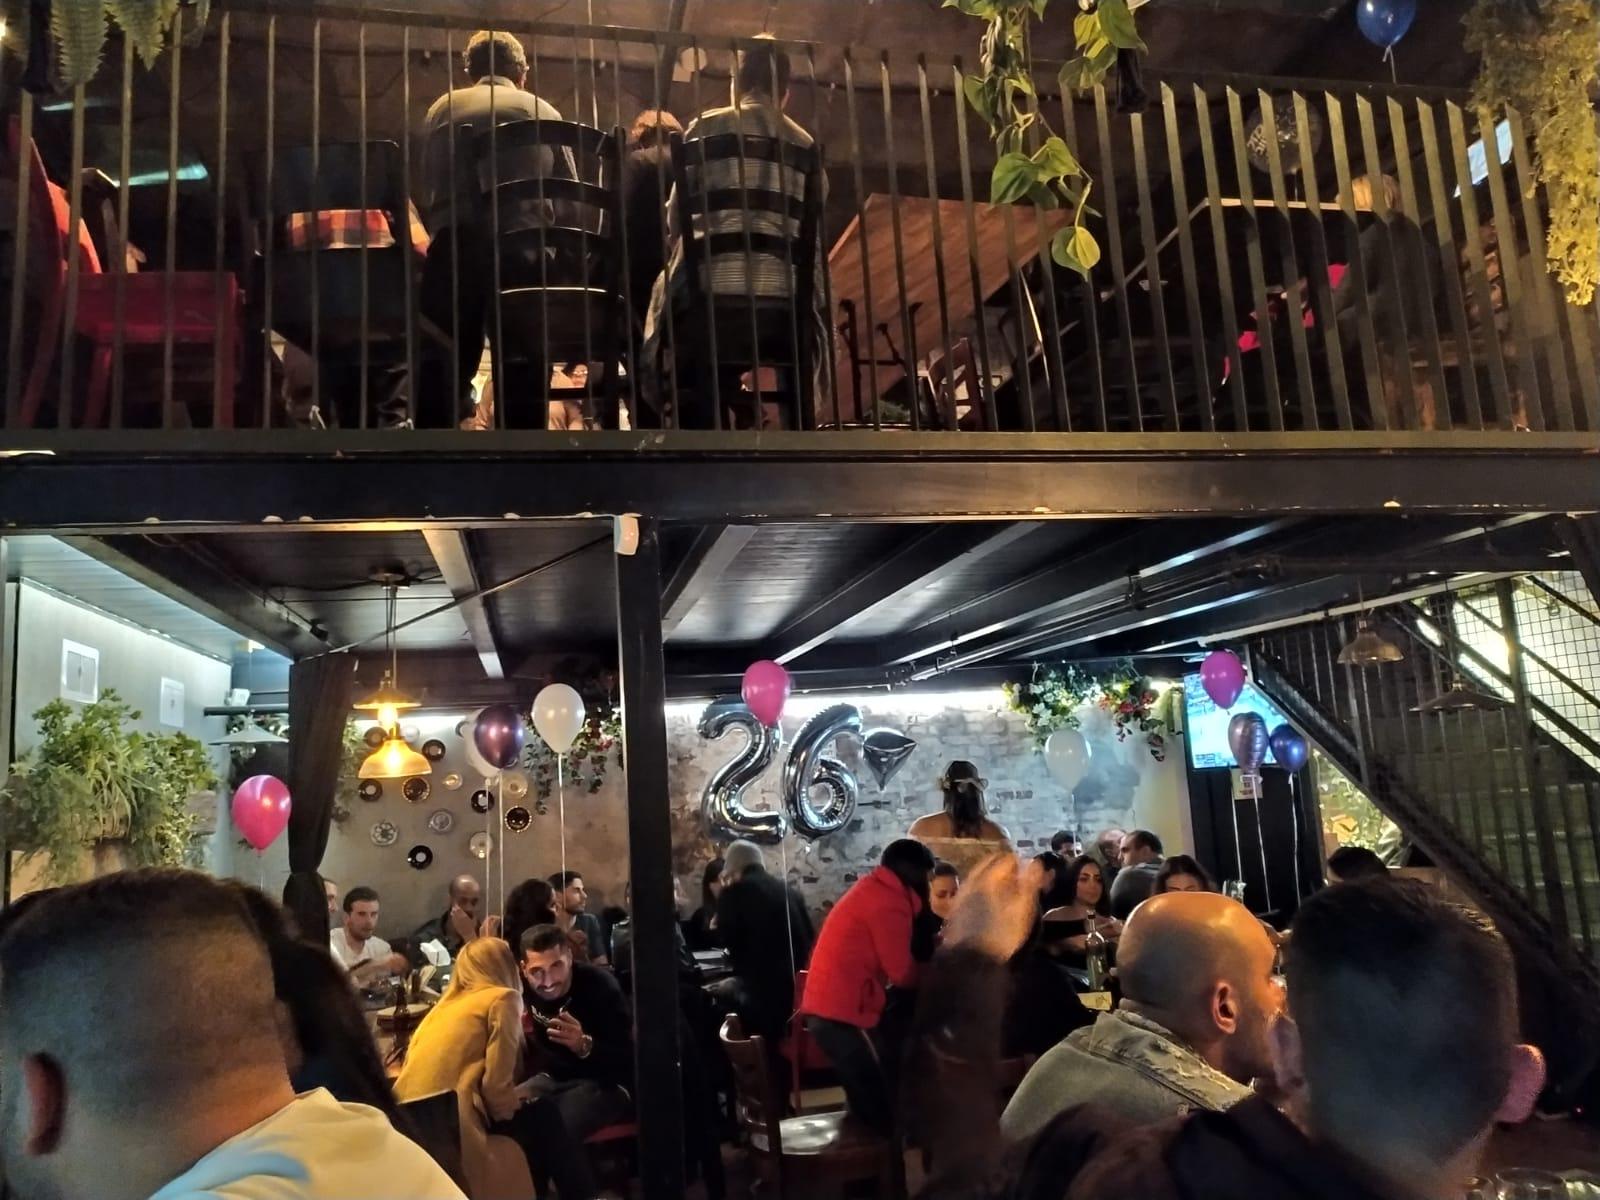 ביקורת מסעדות| לזרוביץ' בר: שכונה, במובן הכי טוב של המילה